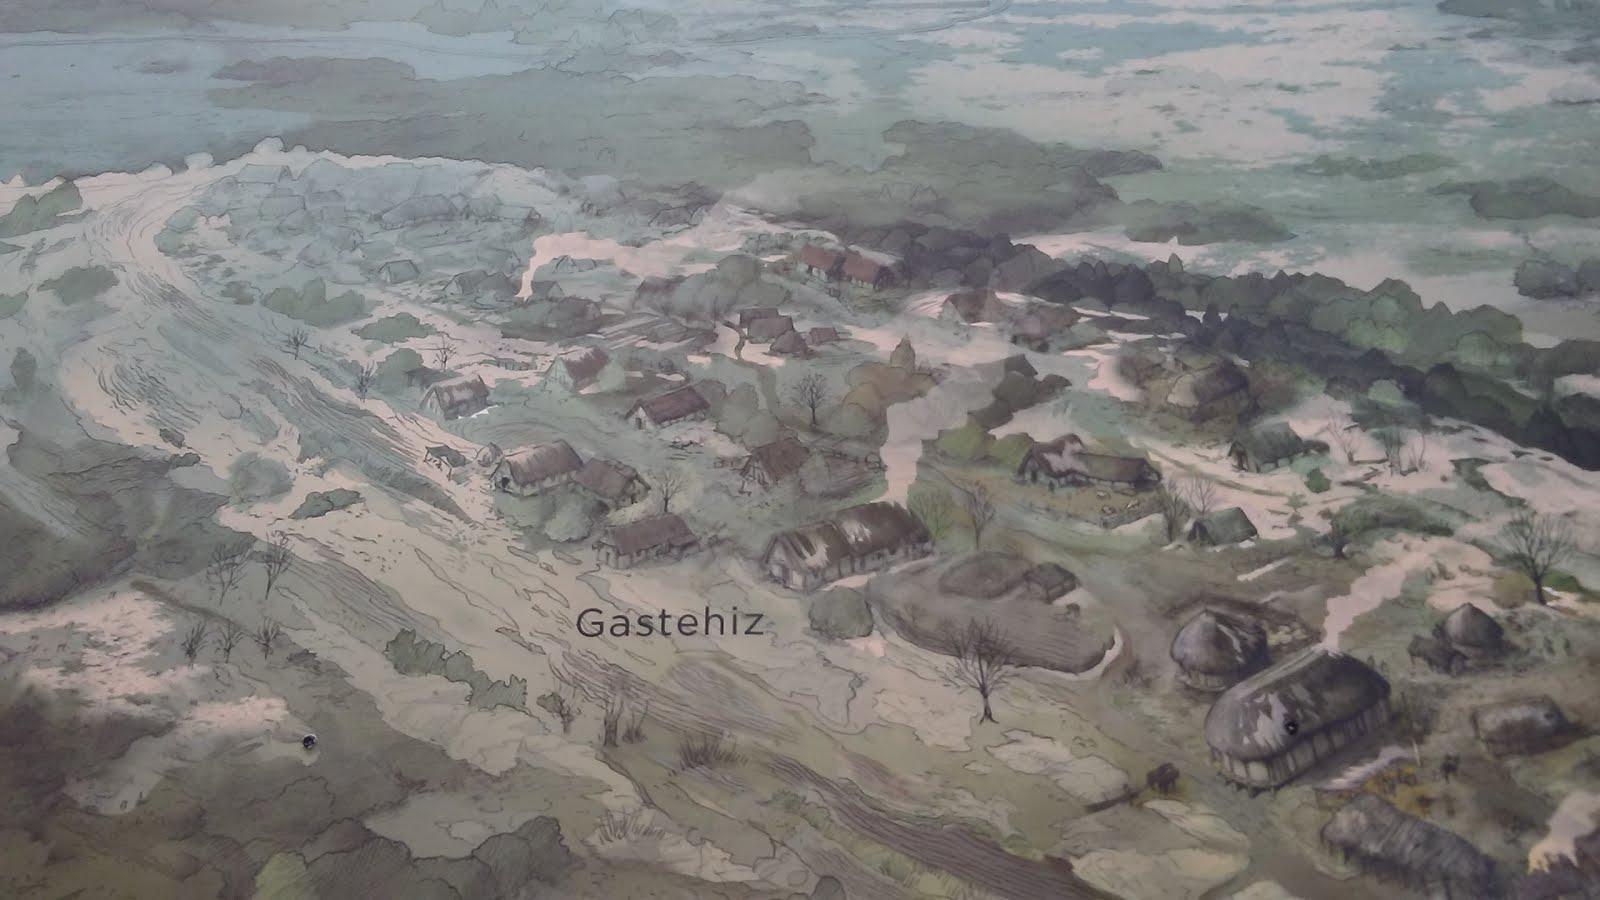 GASTEHIZ